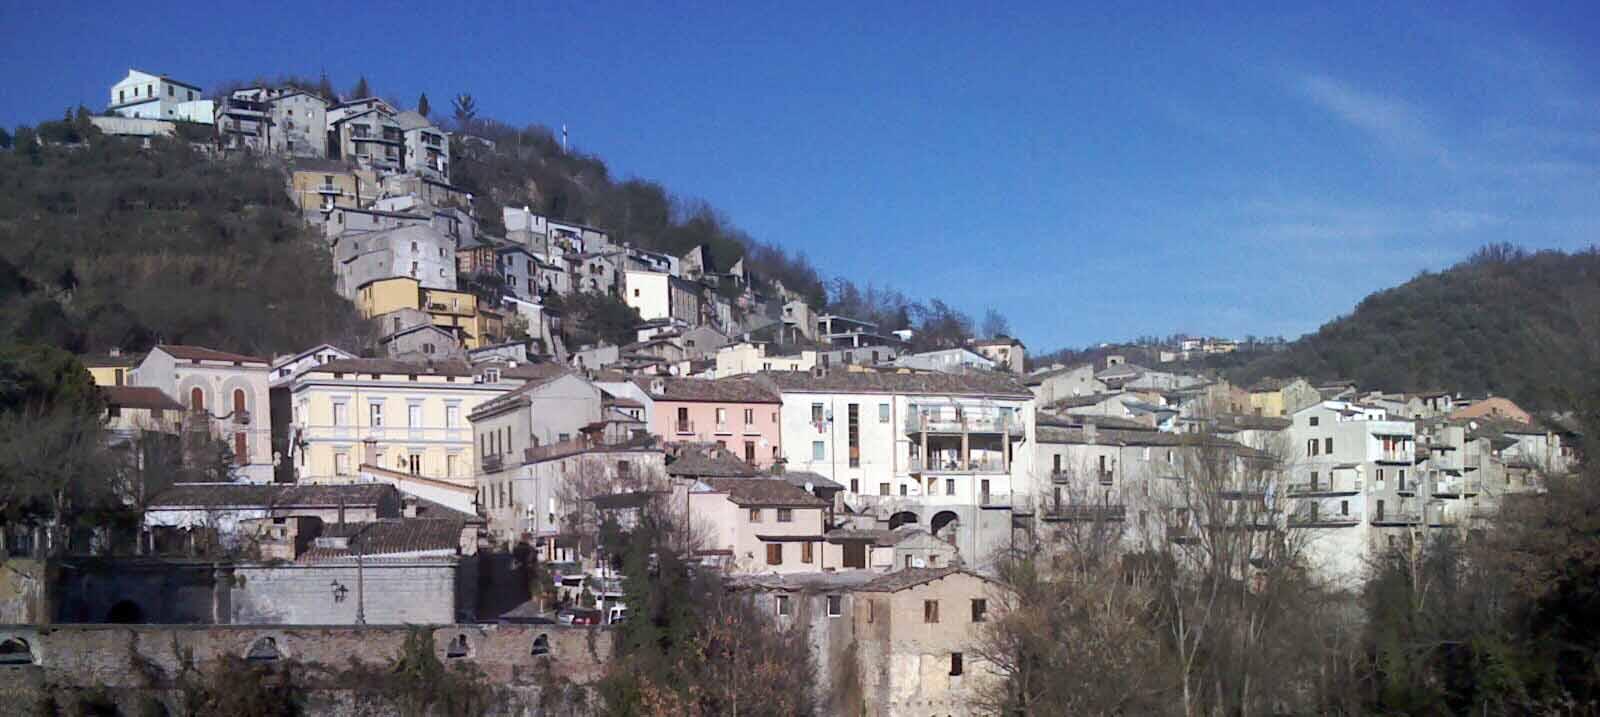 Il panorama della città di Montorio al Vomano